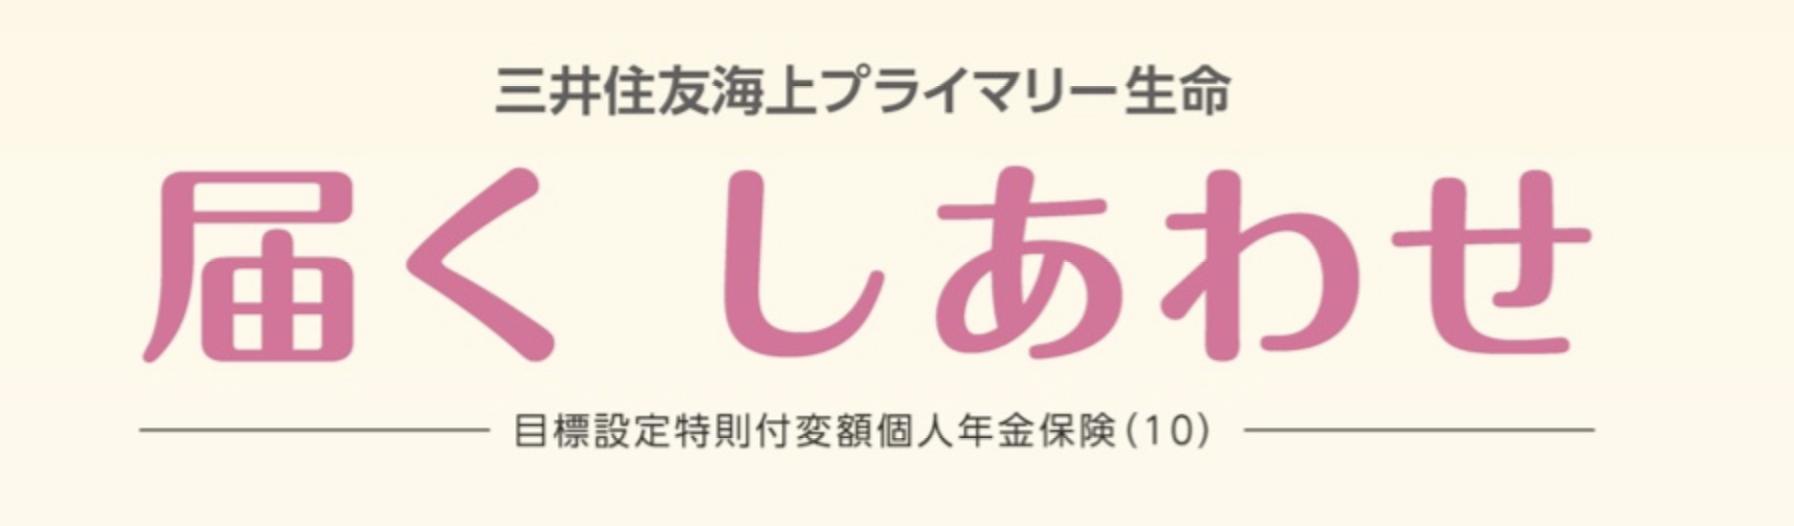 三井住友海上プライマリー生命「届く しあわせ」